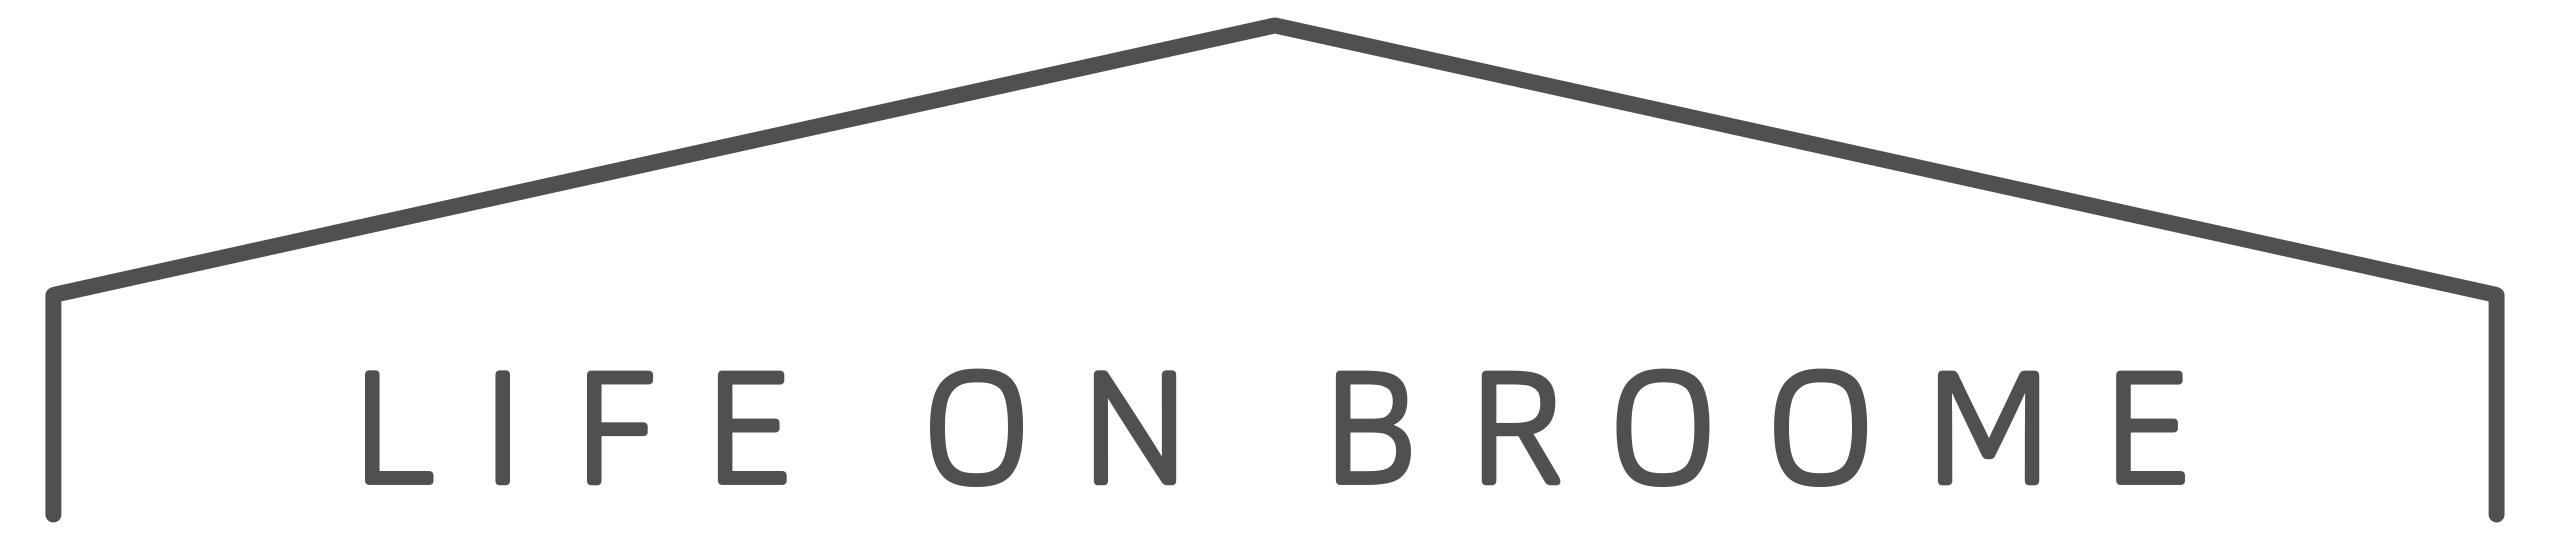 Life on Broome